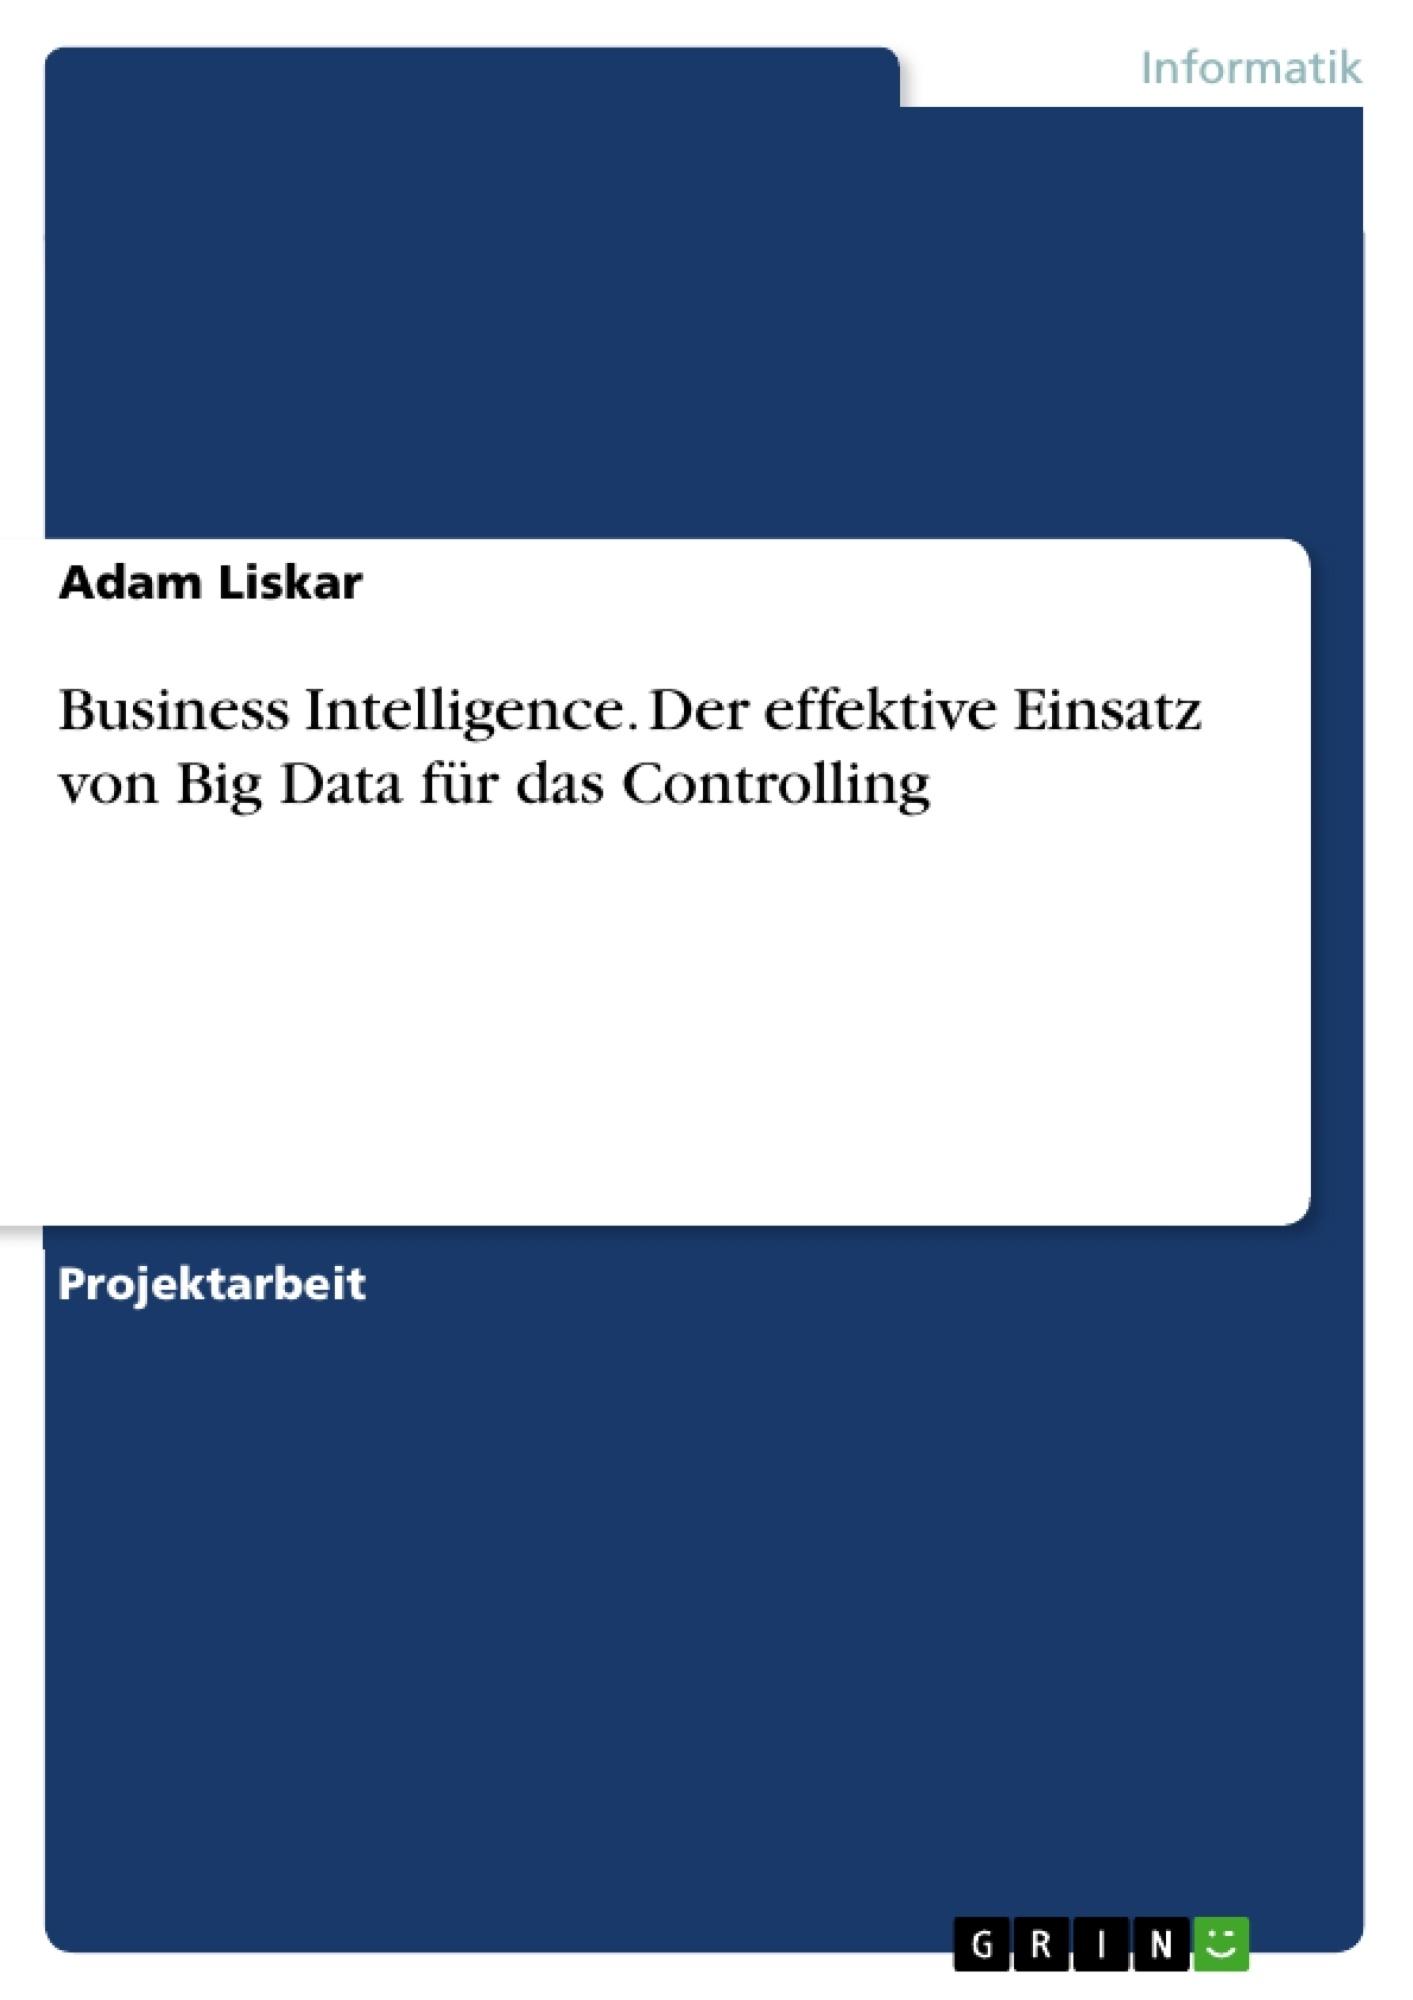 Titel: Business Intelligence. Der effektive Einsatz von Big Data für das Controlling